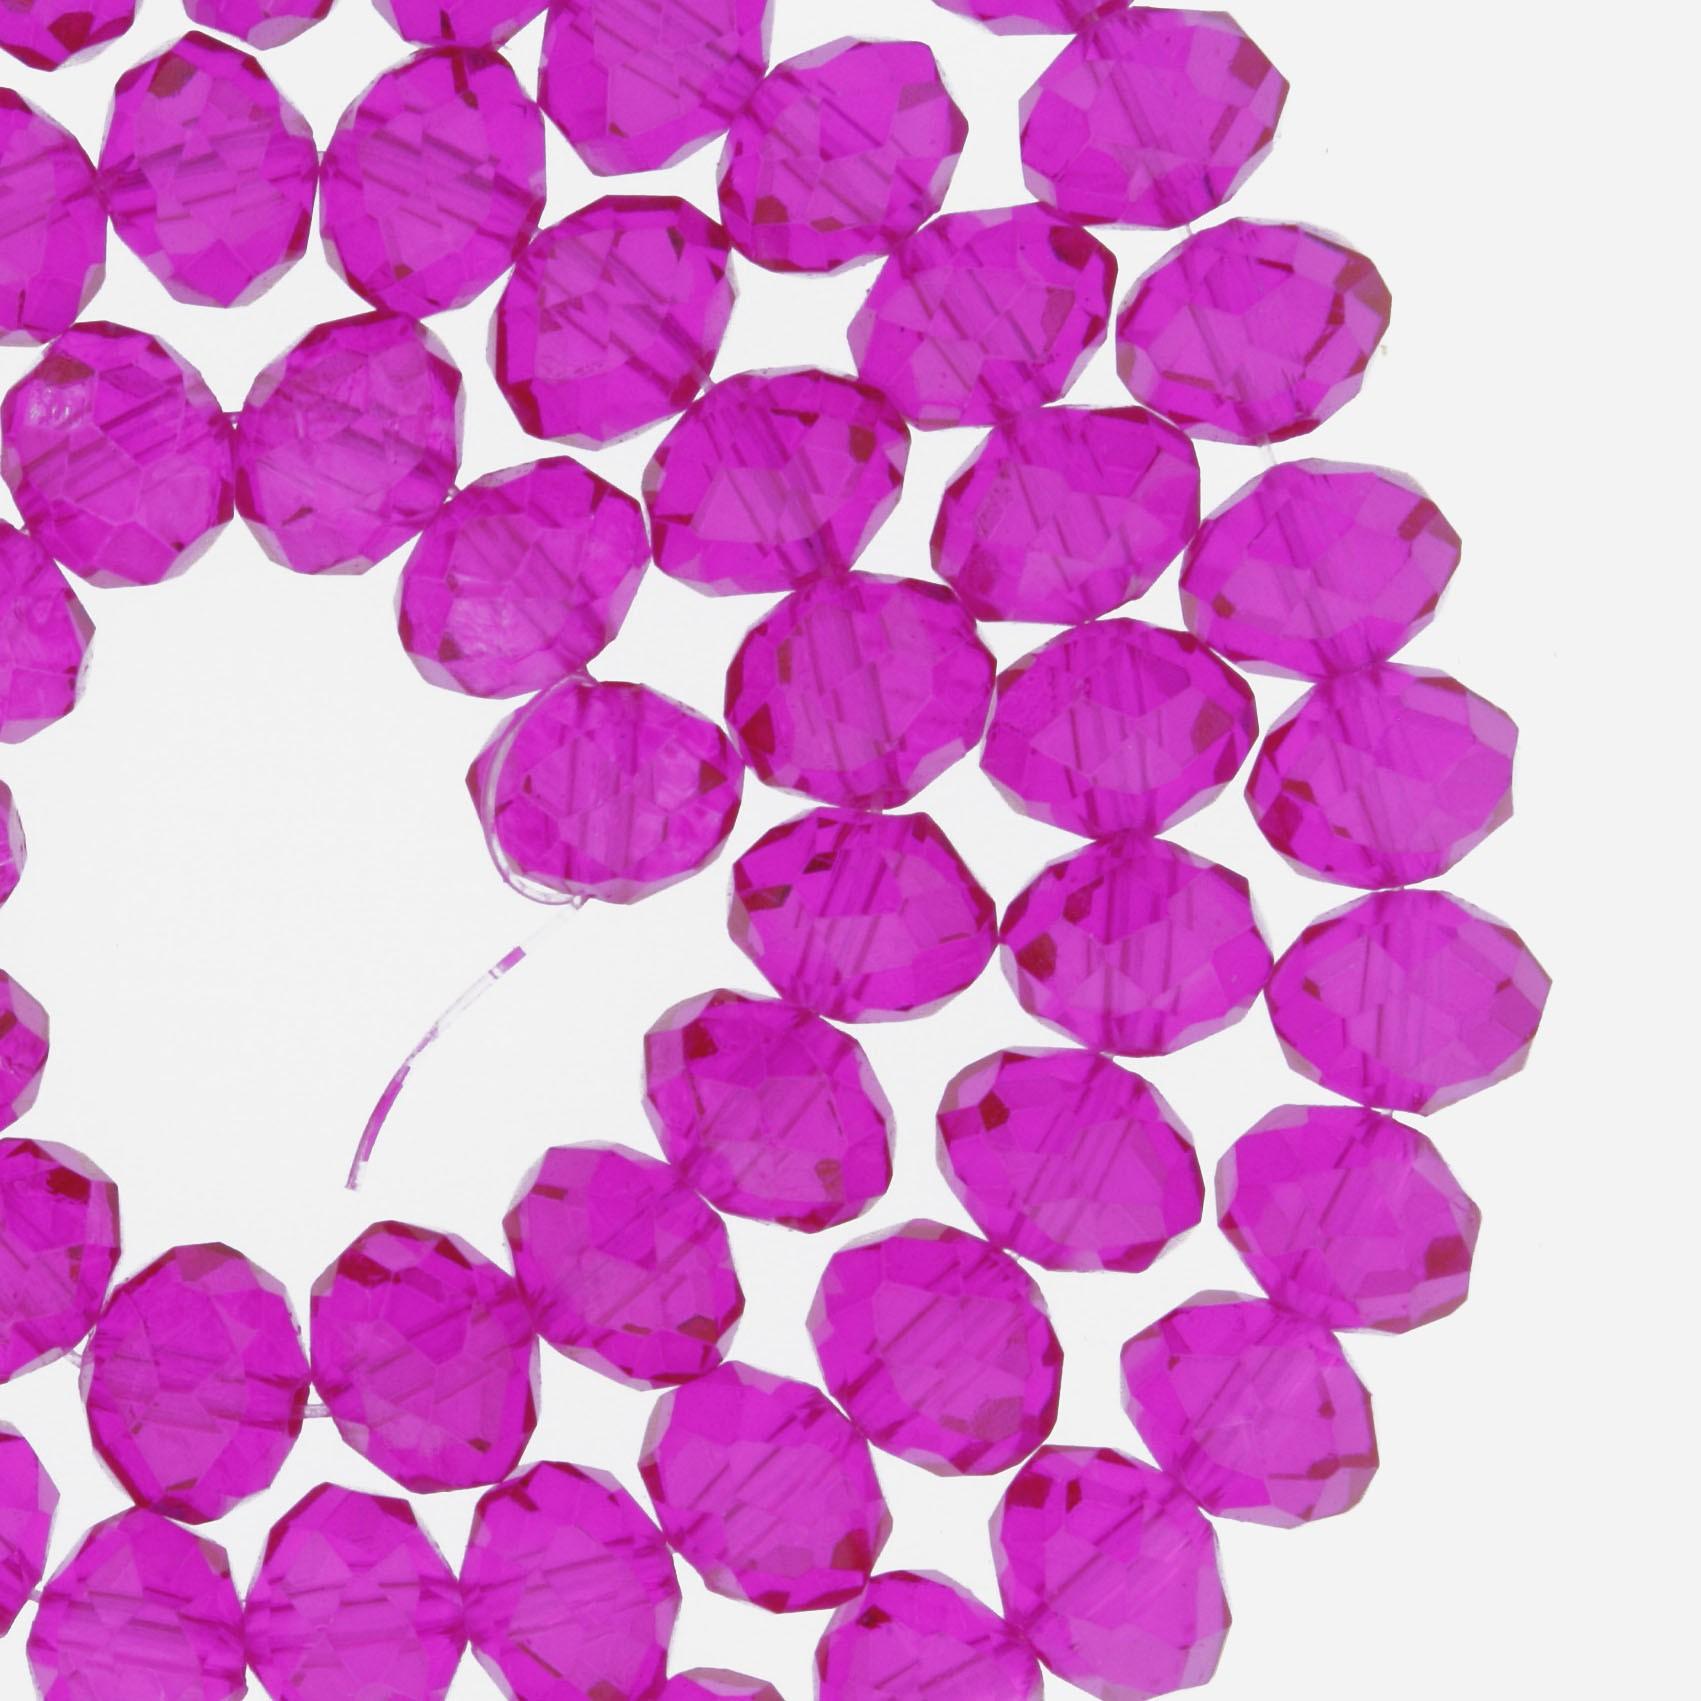 Fio de Cristal - Flat® - Magenta Transparente - 8mm  - Stéphanie Bijoux® - Peças para Bijuterias e Artesanato